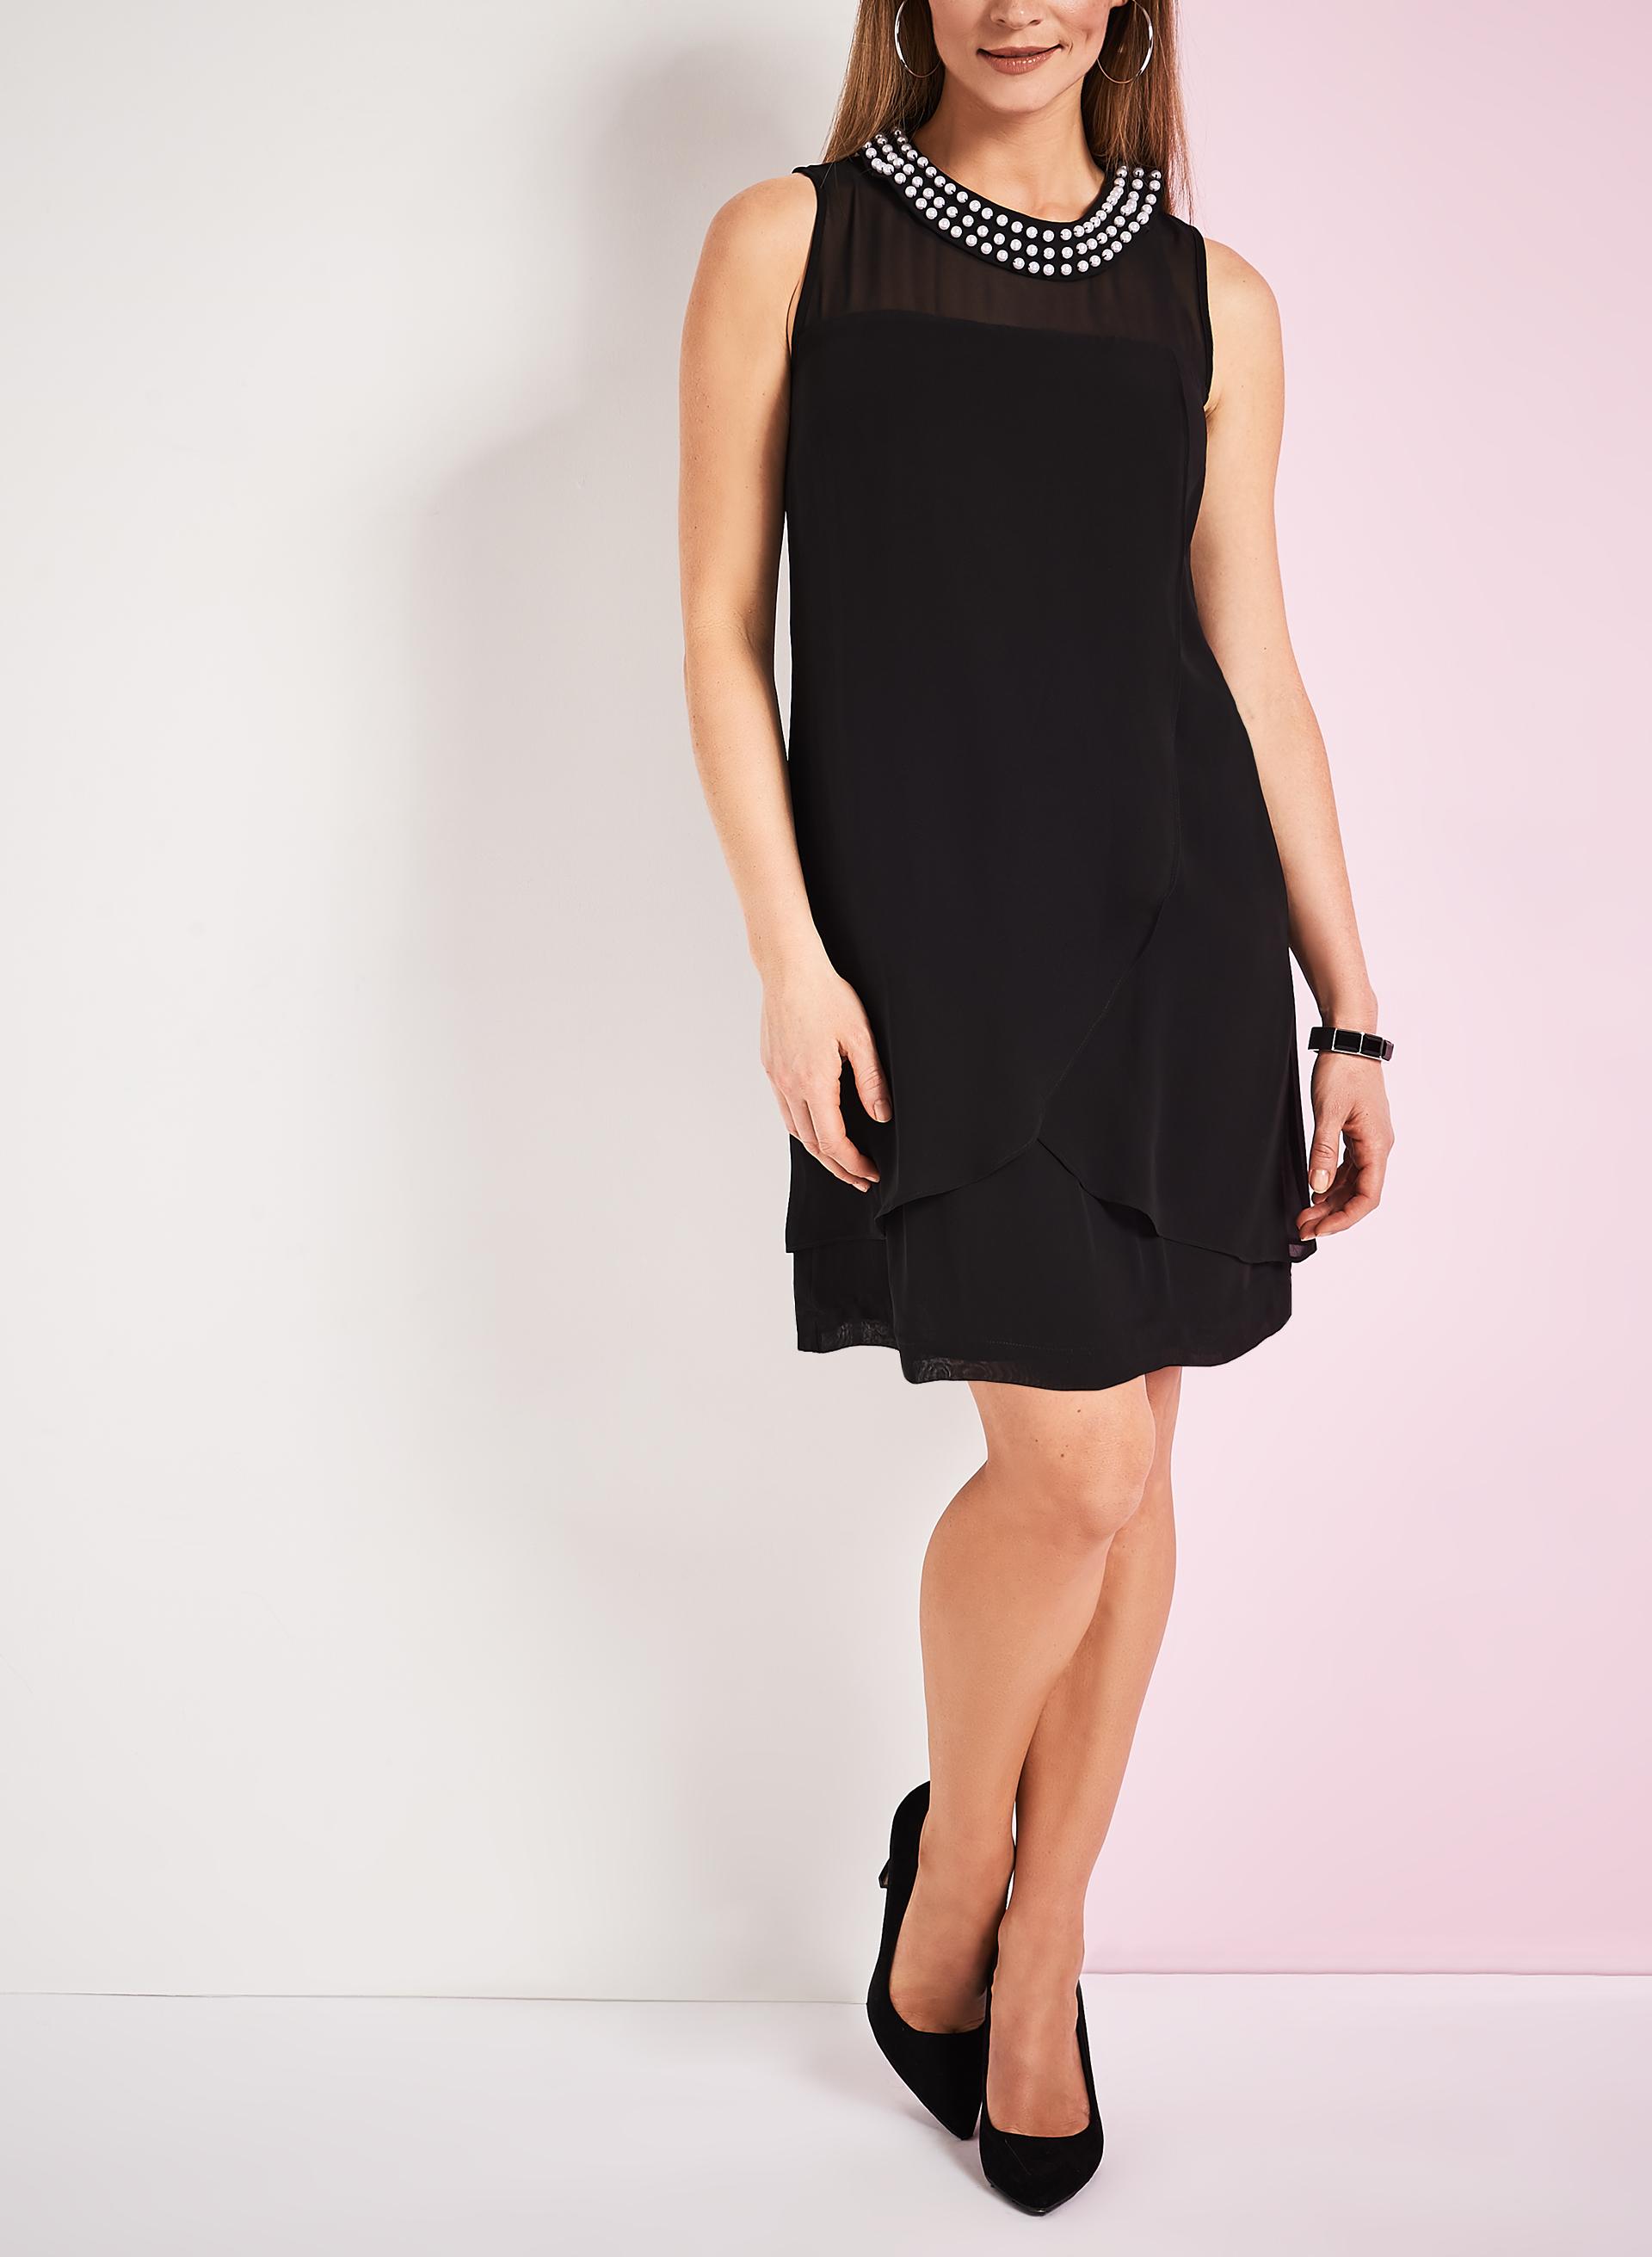 robe filet avec col de perles amovible livraison gratuite laura. Black Bedroom Furniture Sets. Home Design Ideas